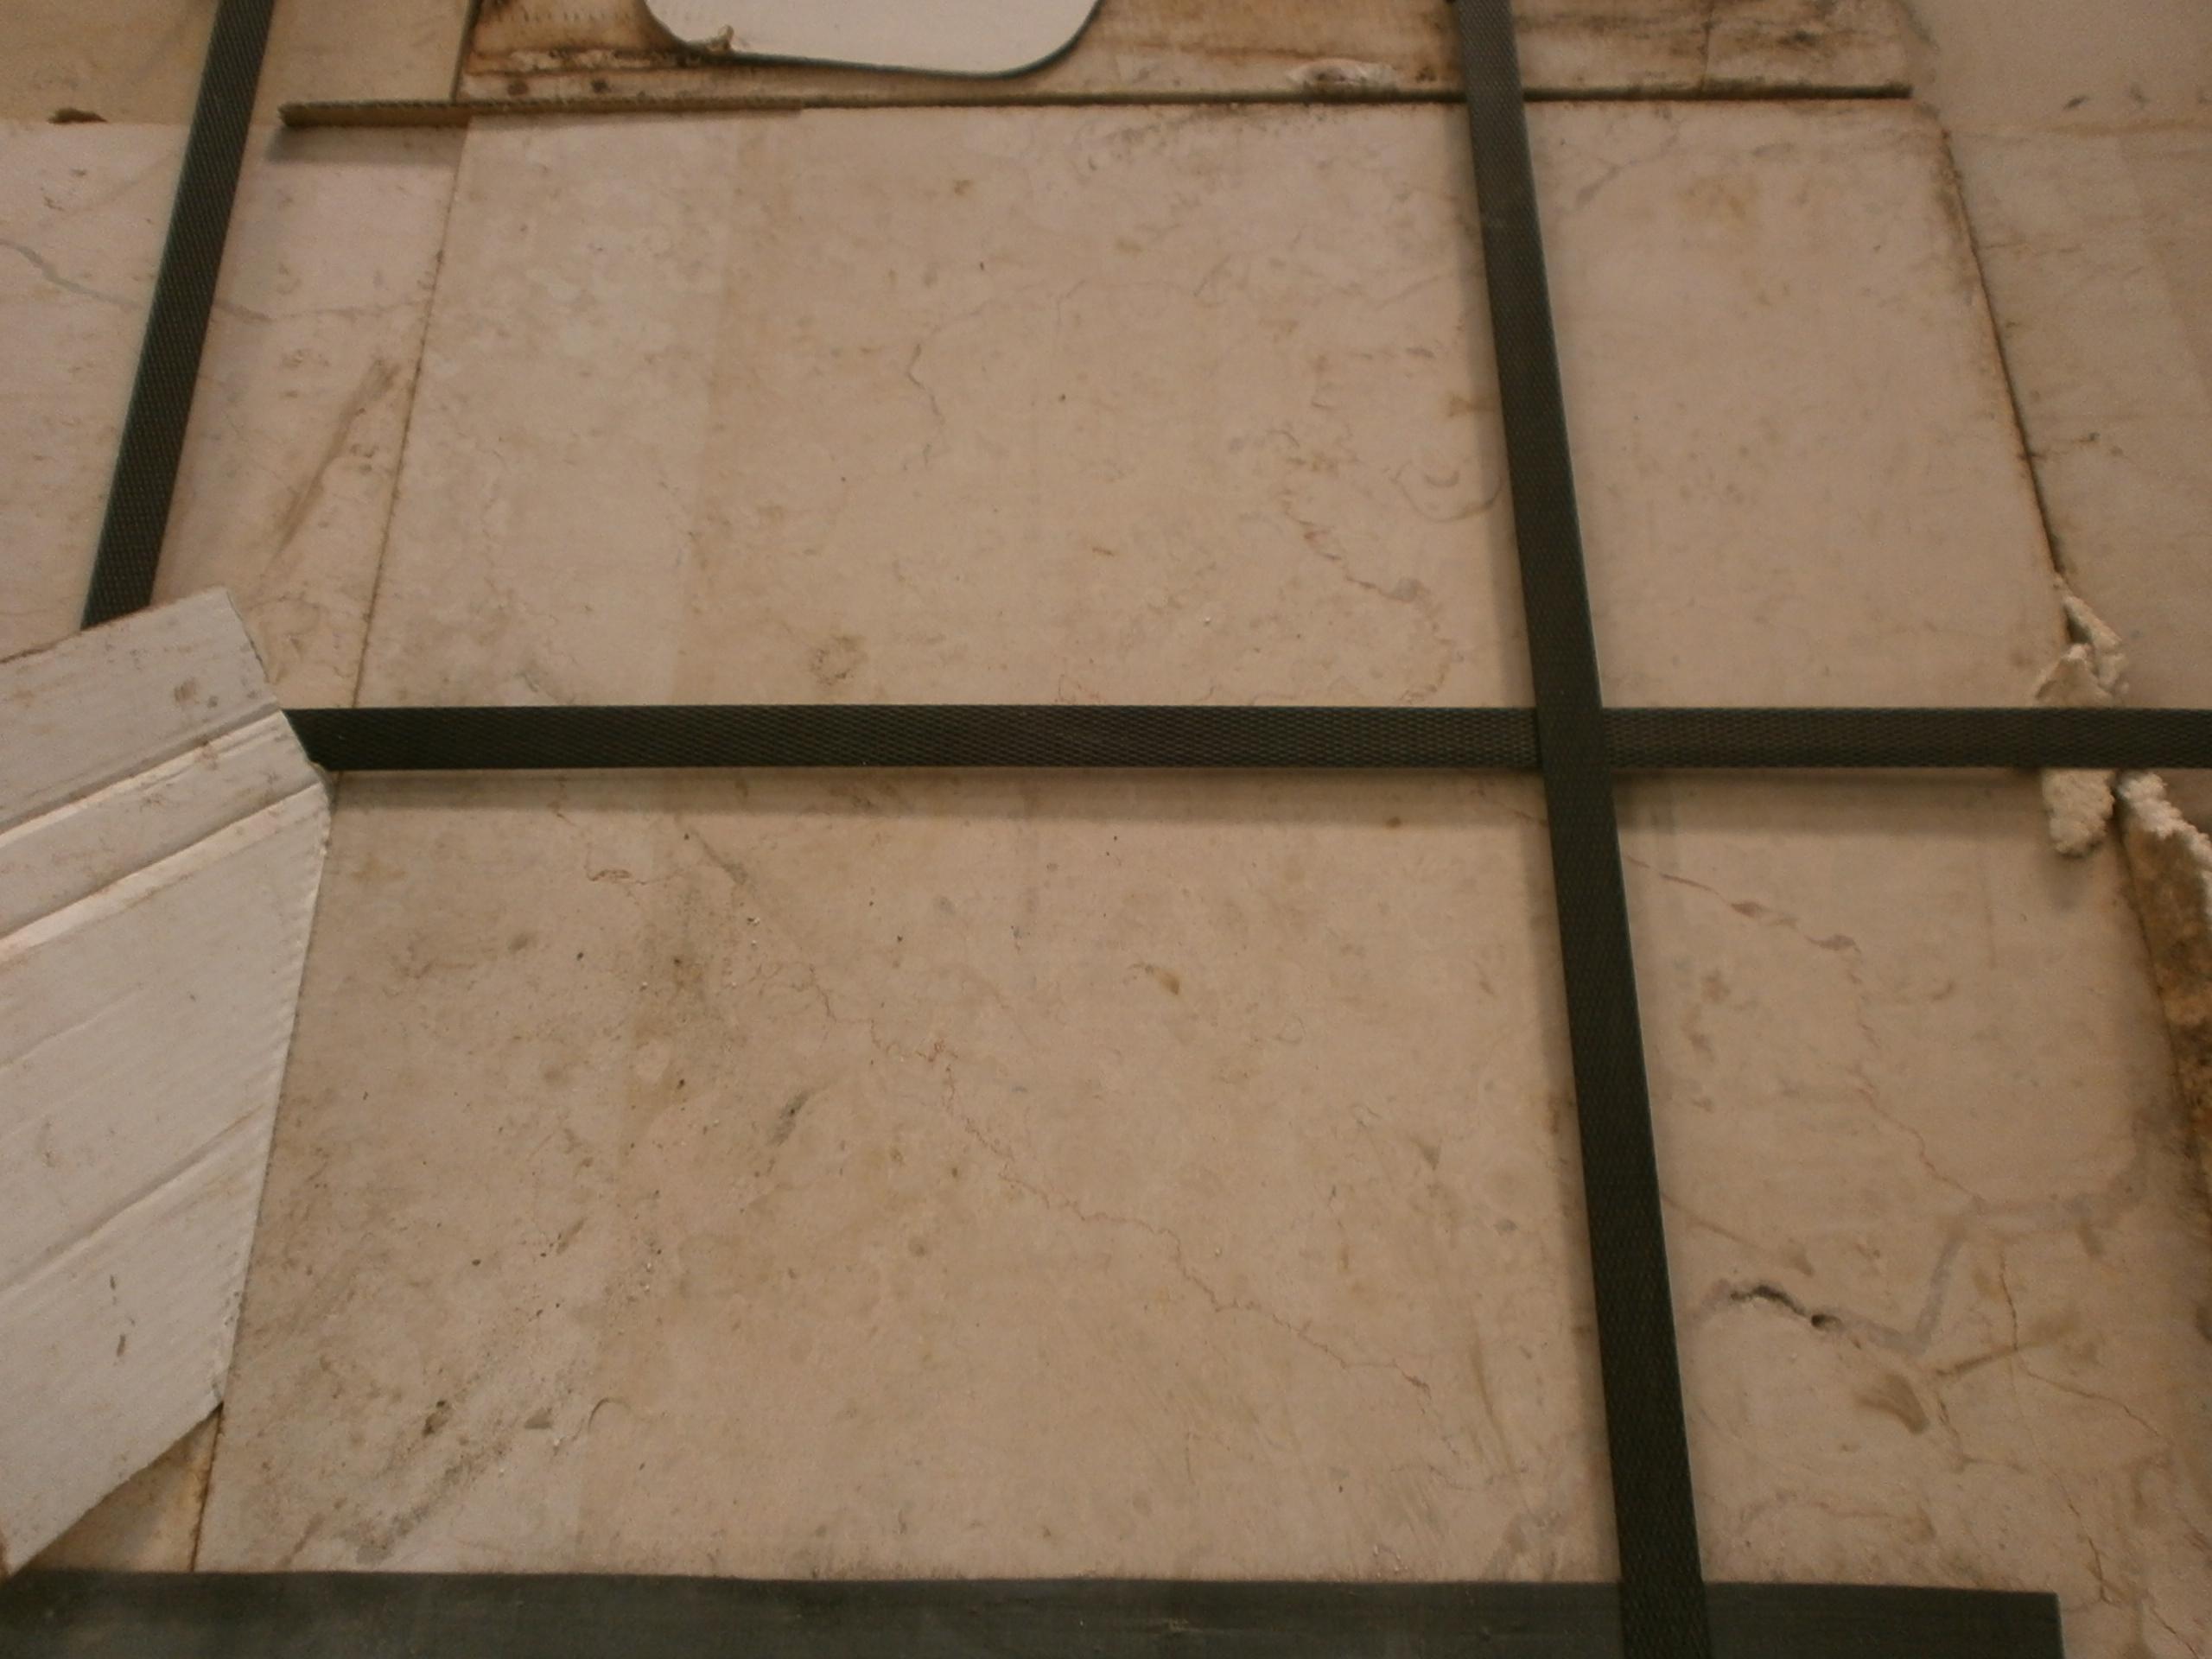 Koloka piedra caliza abantino envejecido t7 - Piedra caliza precio ...